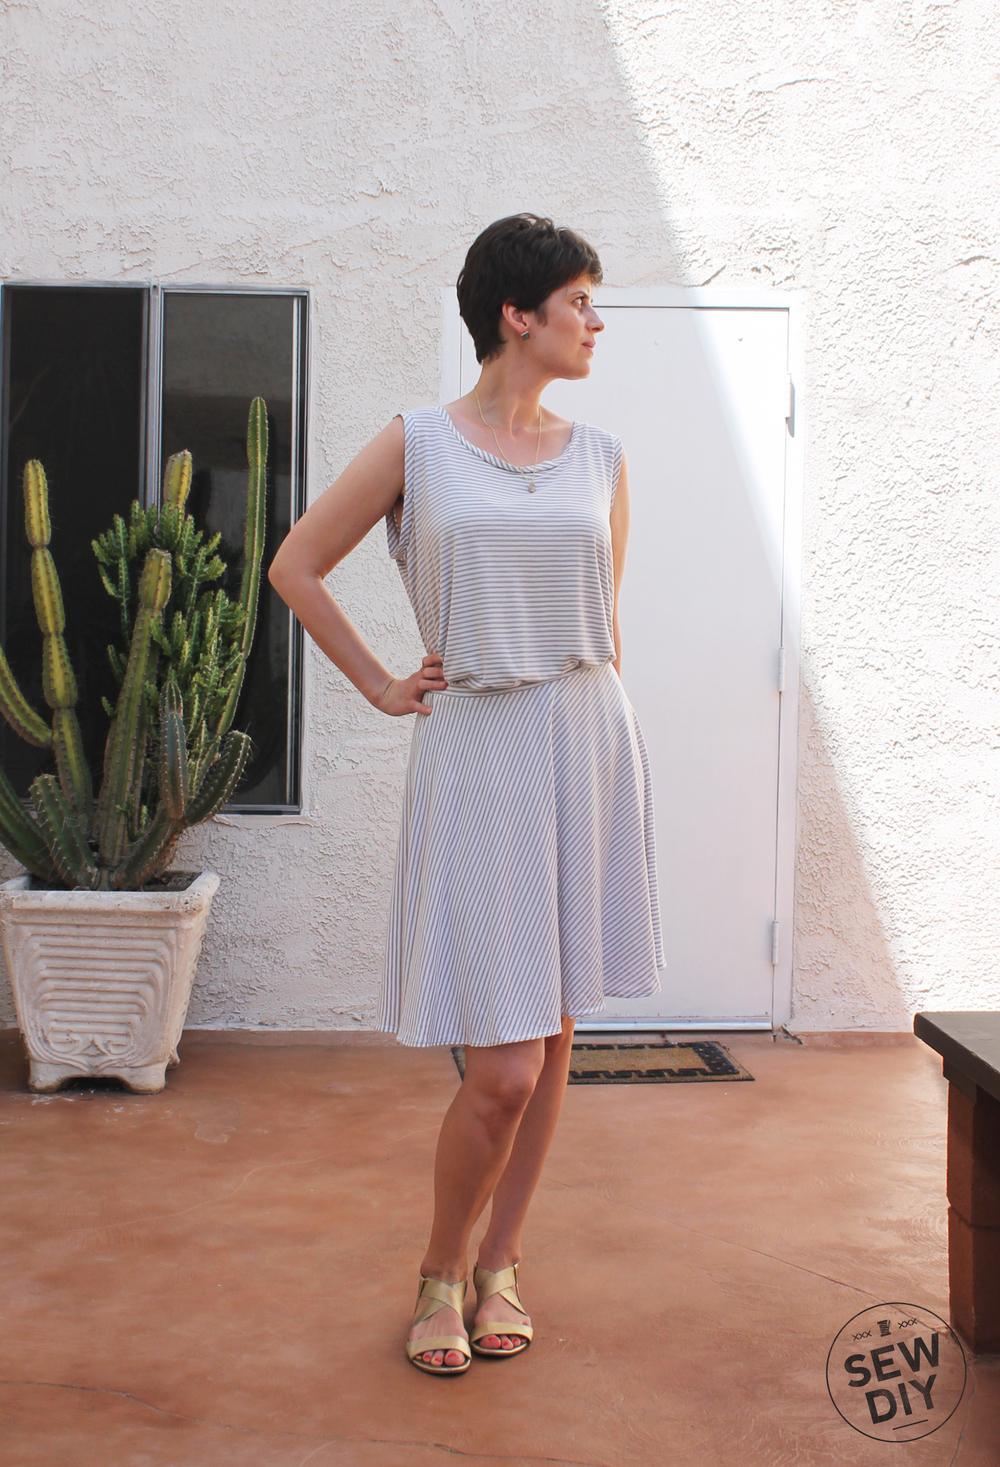 Diy Striped Knit Circle Skirt Sew Diy